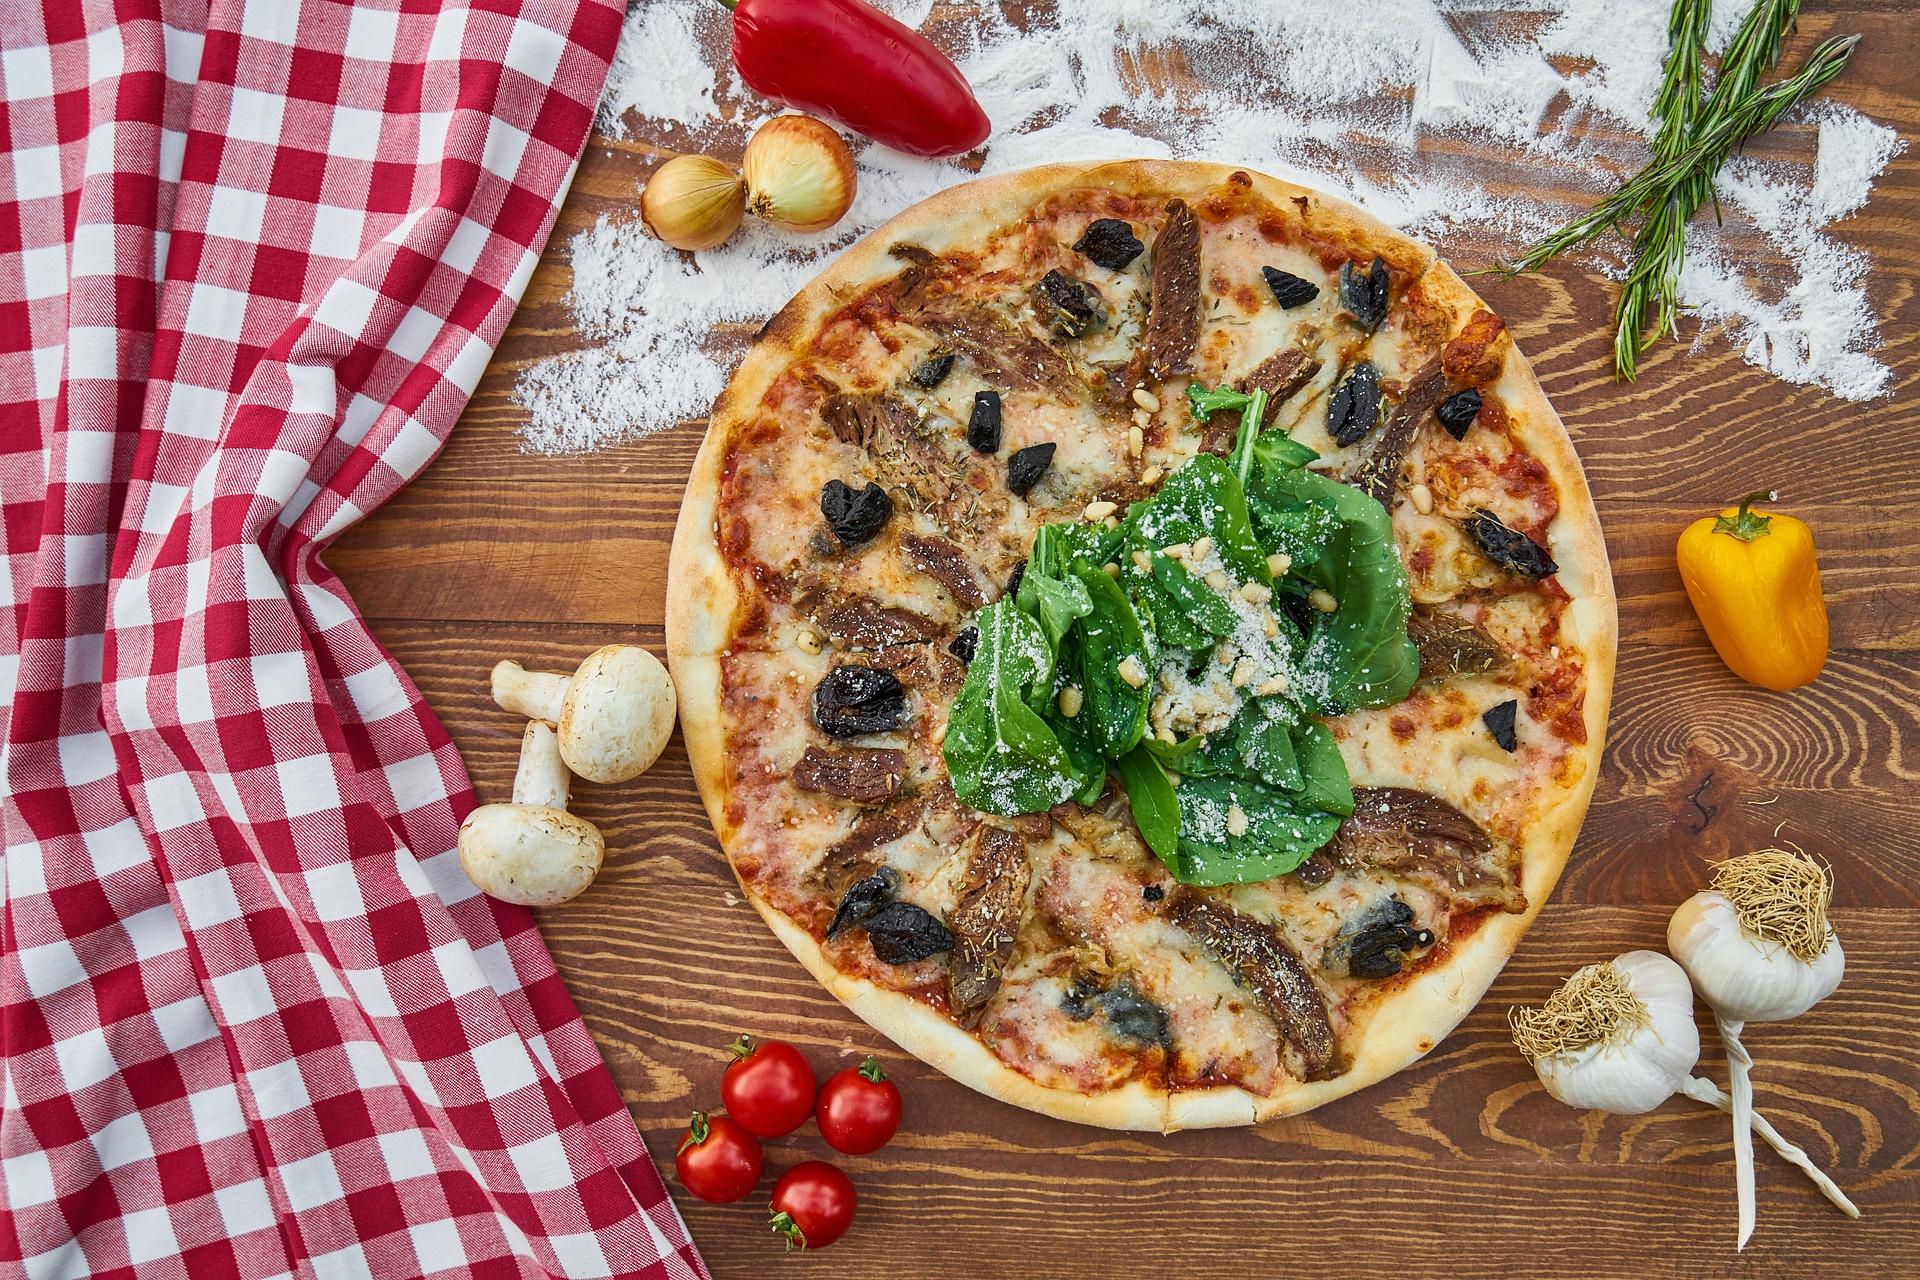 итальянский кухня картинки пчелиным маточным молочком